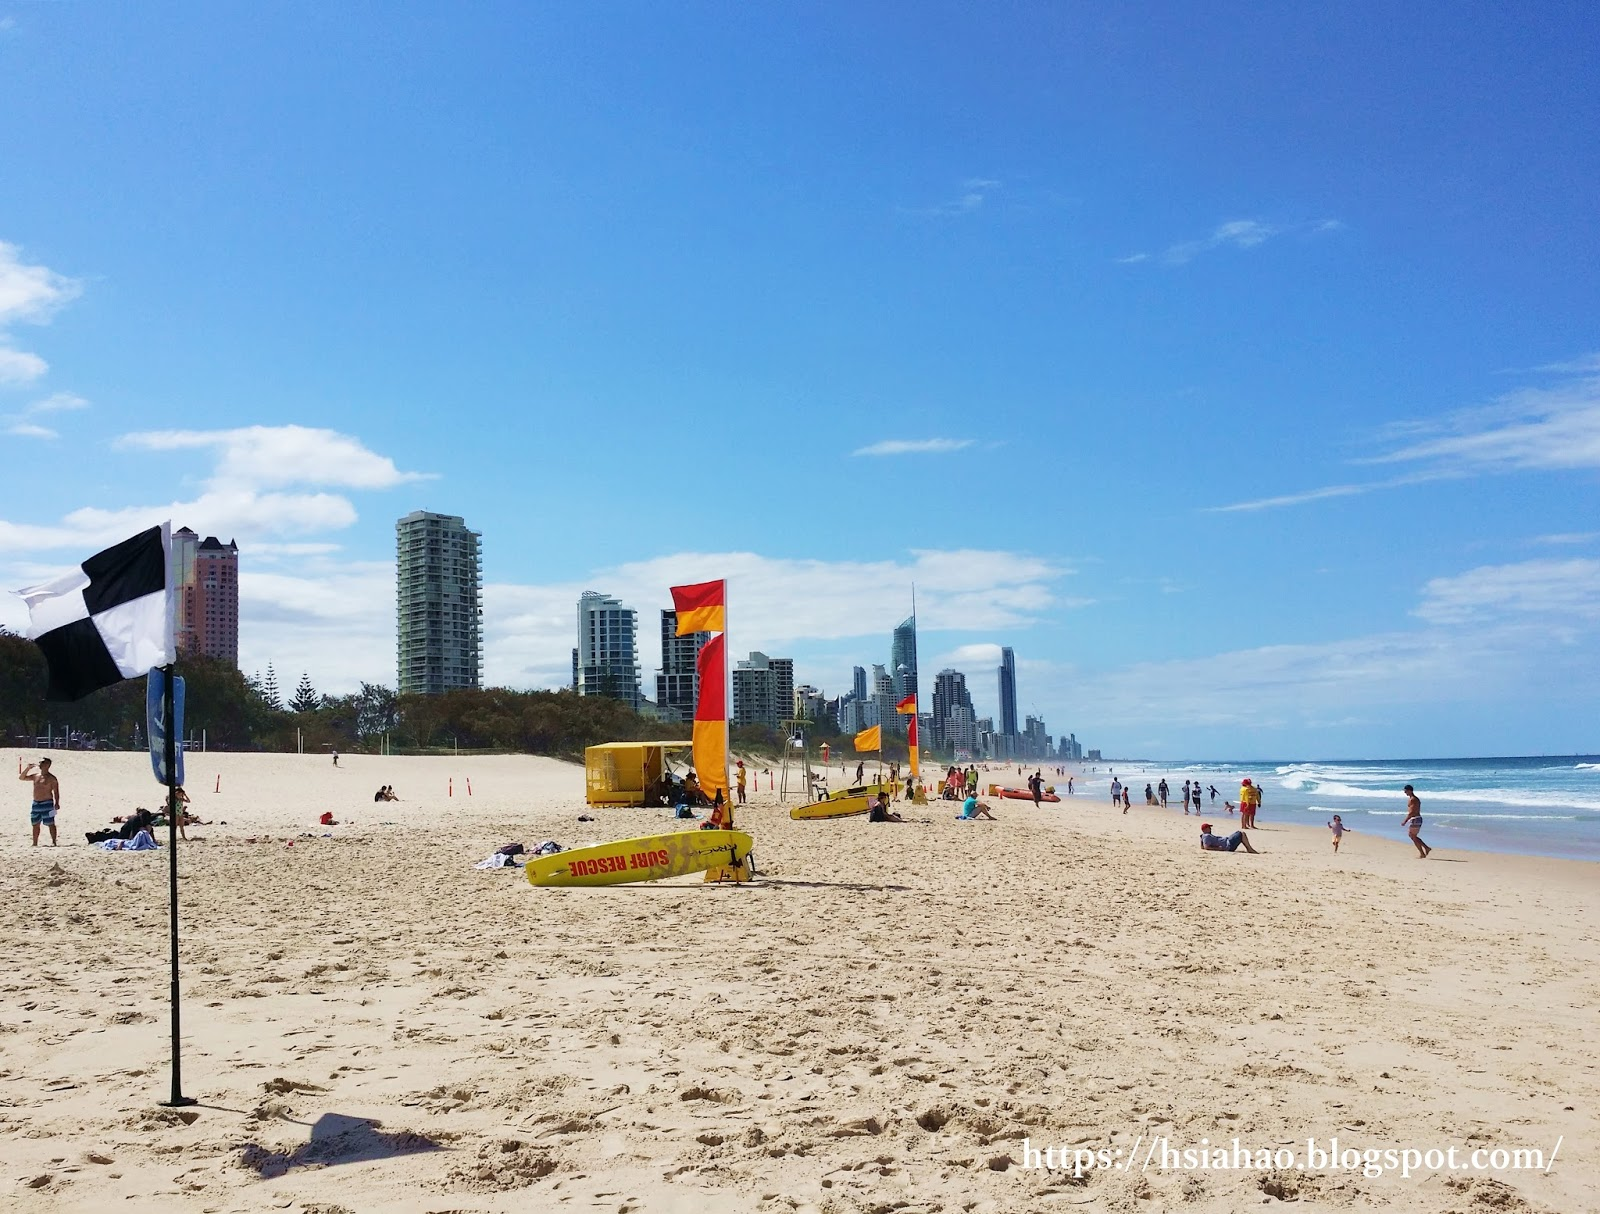 黃金海岸-衝浪者天堂-海灘-推薦-景點-布羅德海灘-Broadbeach-Gold-Coast-Surfers-Paradise-Beach